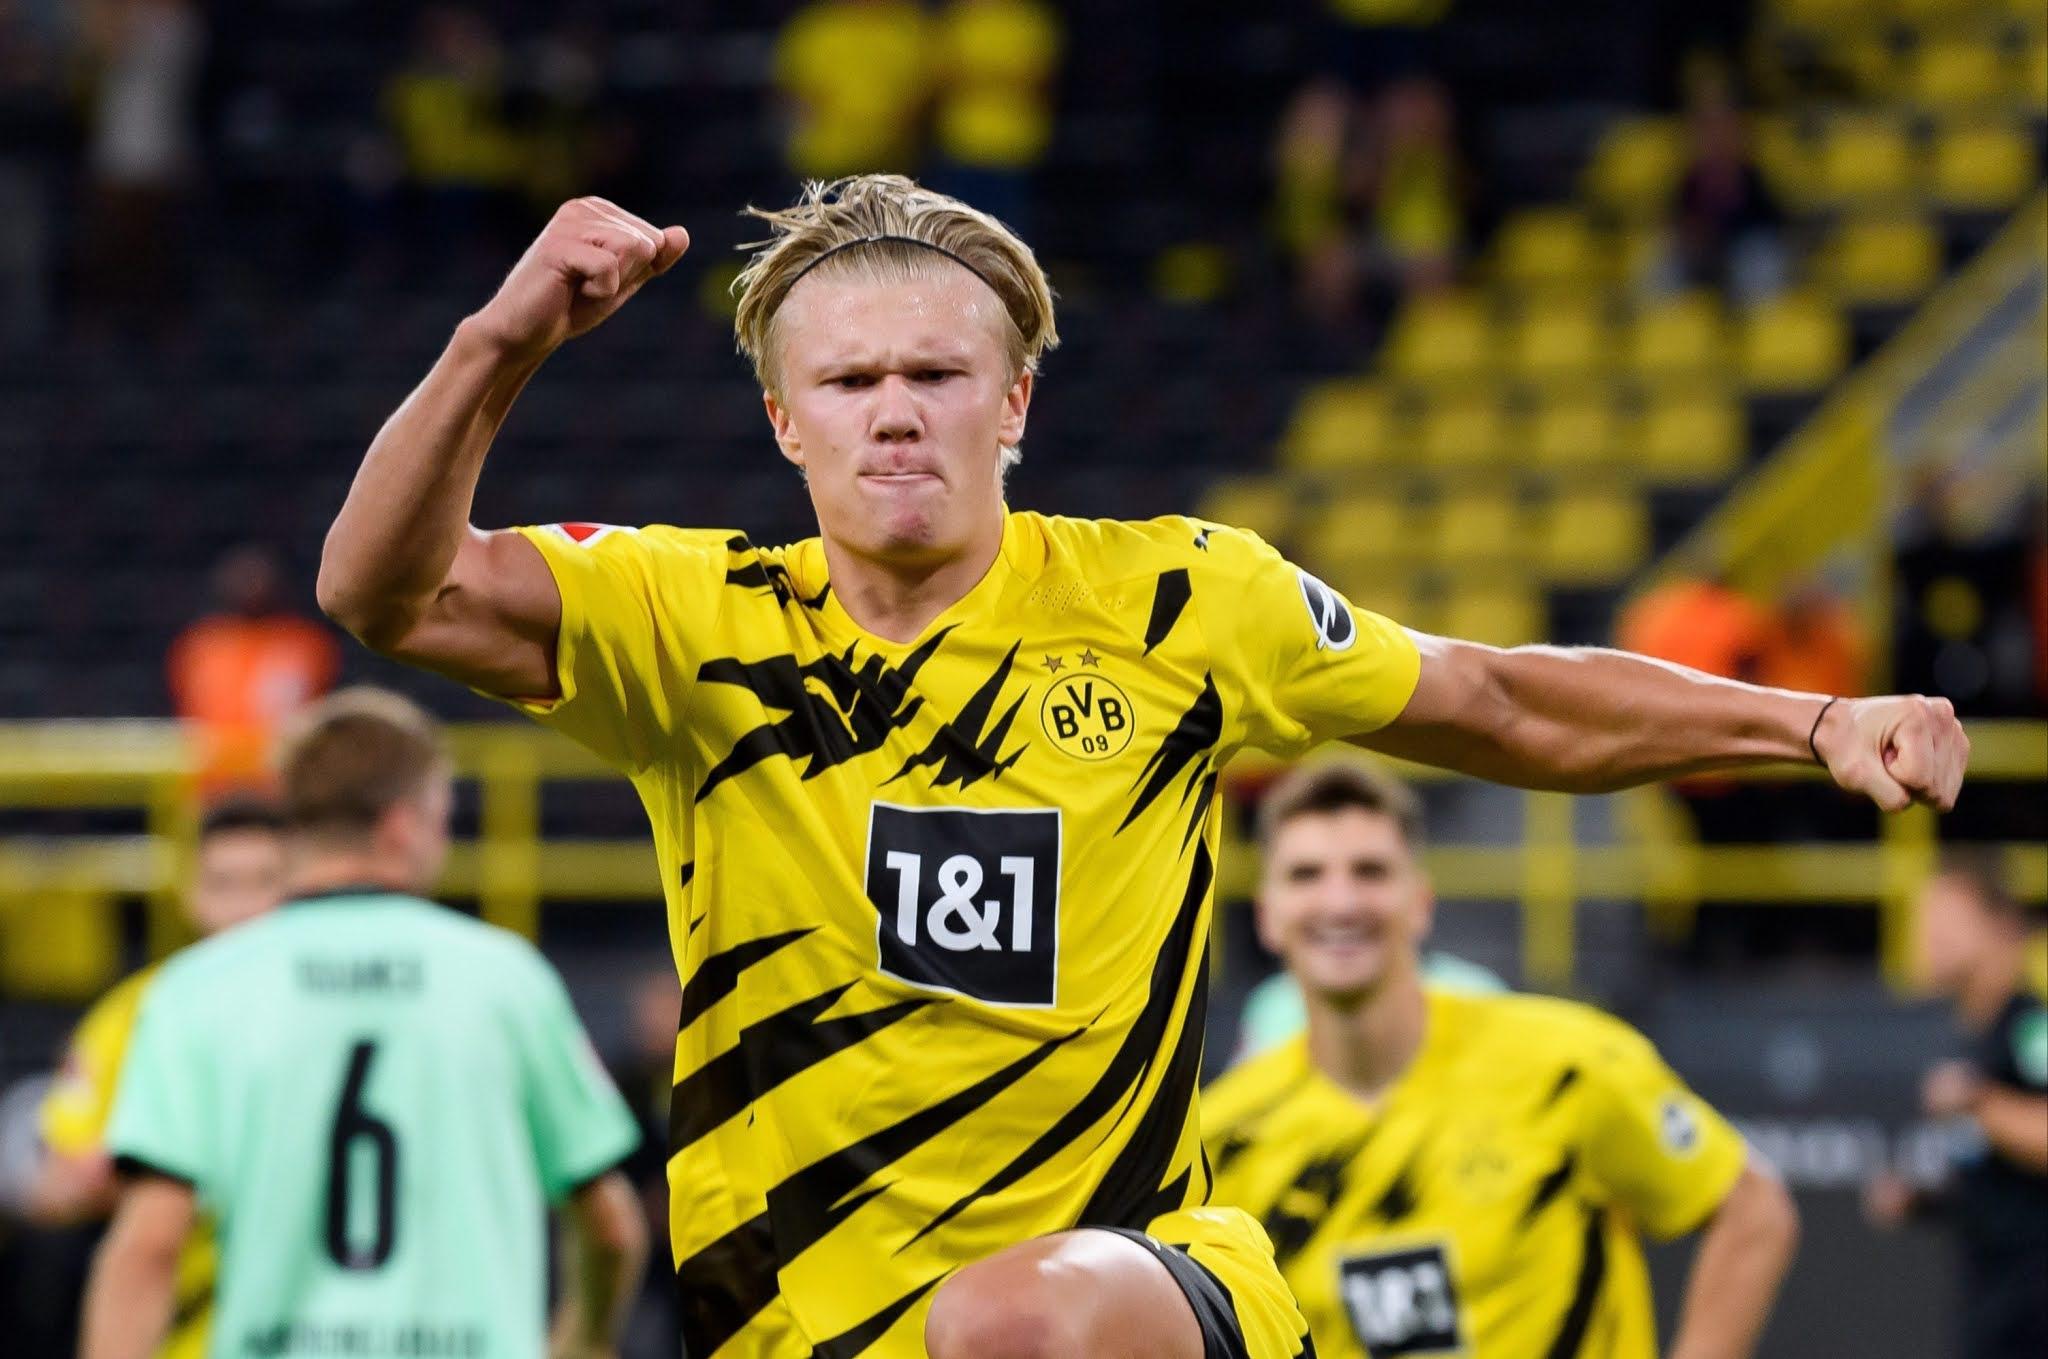 Borussia Dortmund striker Erling Halaand